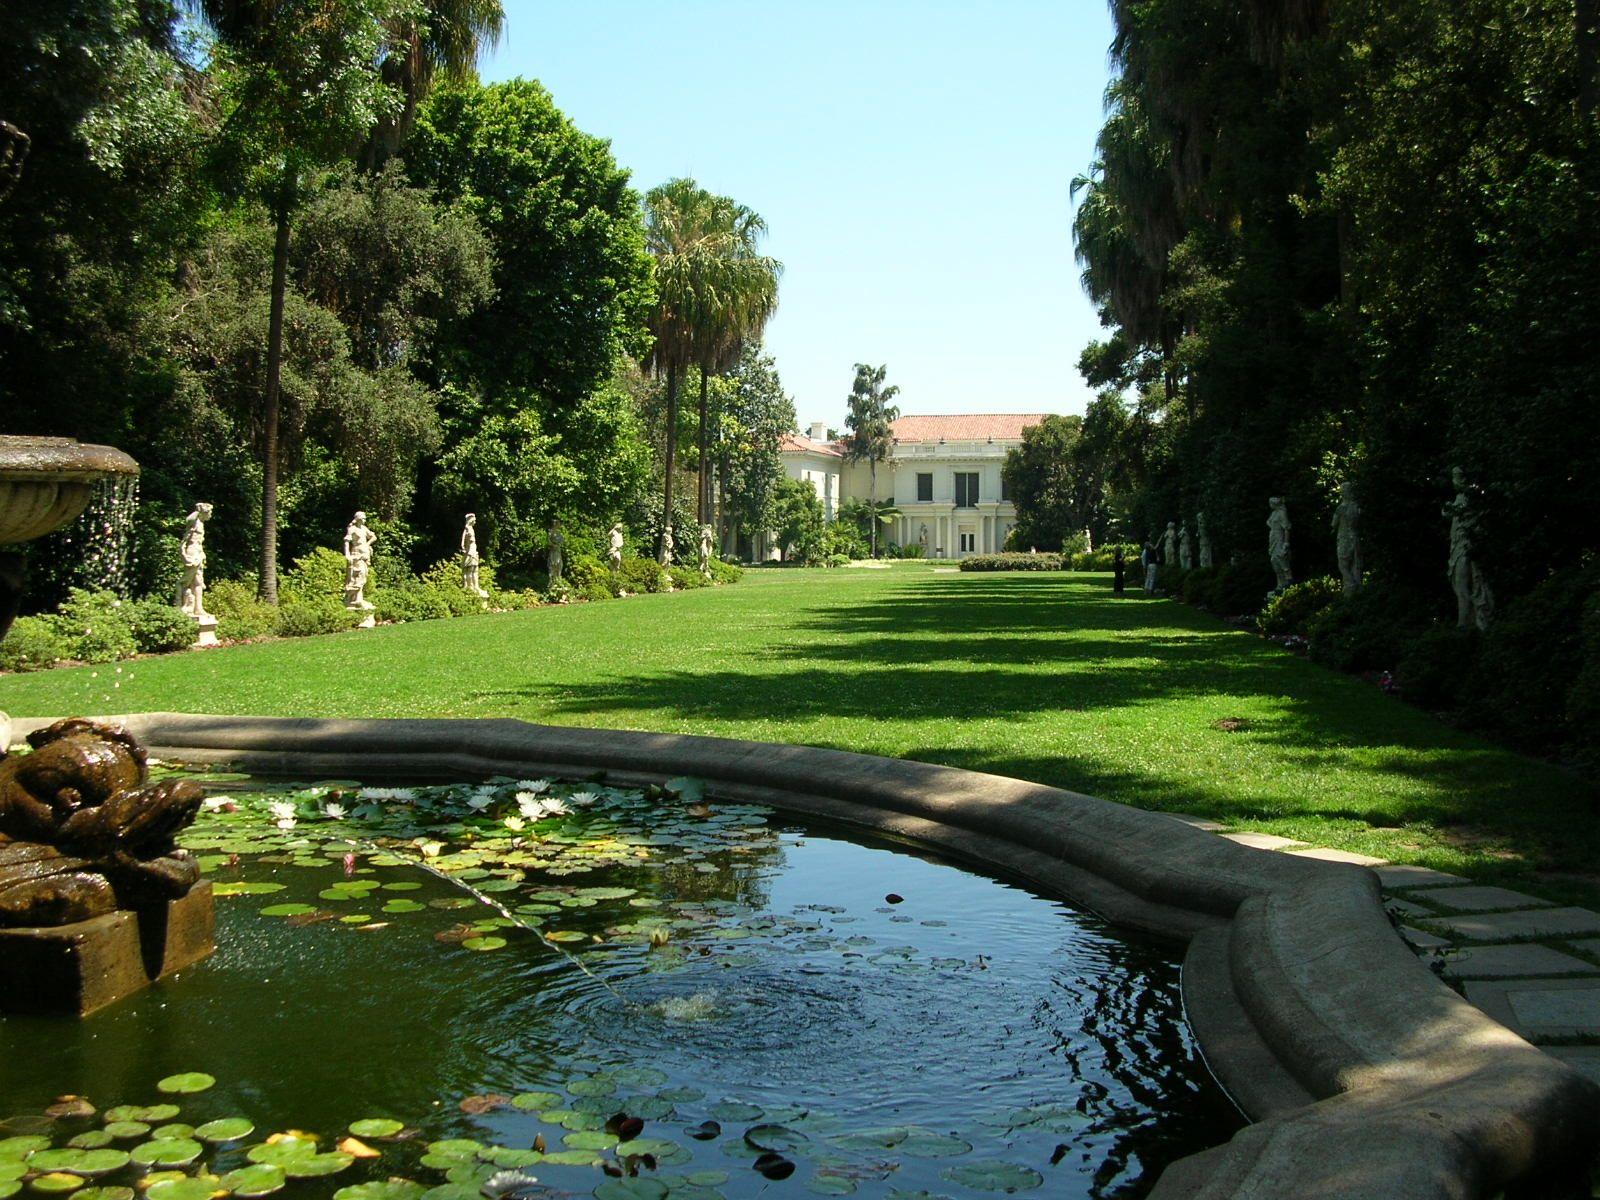 a3e72e9909cd3e720f5db48a809f30aa - Botanical Gardens Los Angeles Huntington Library